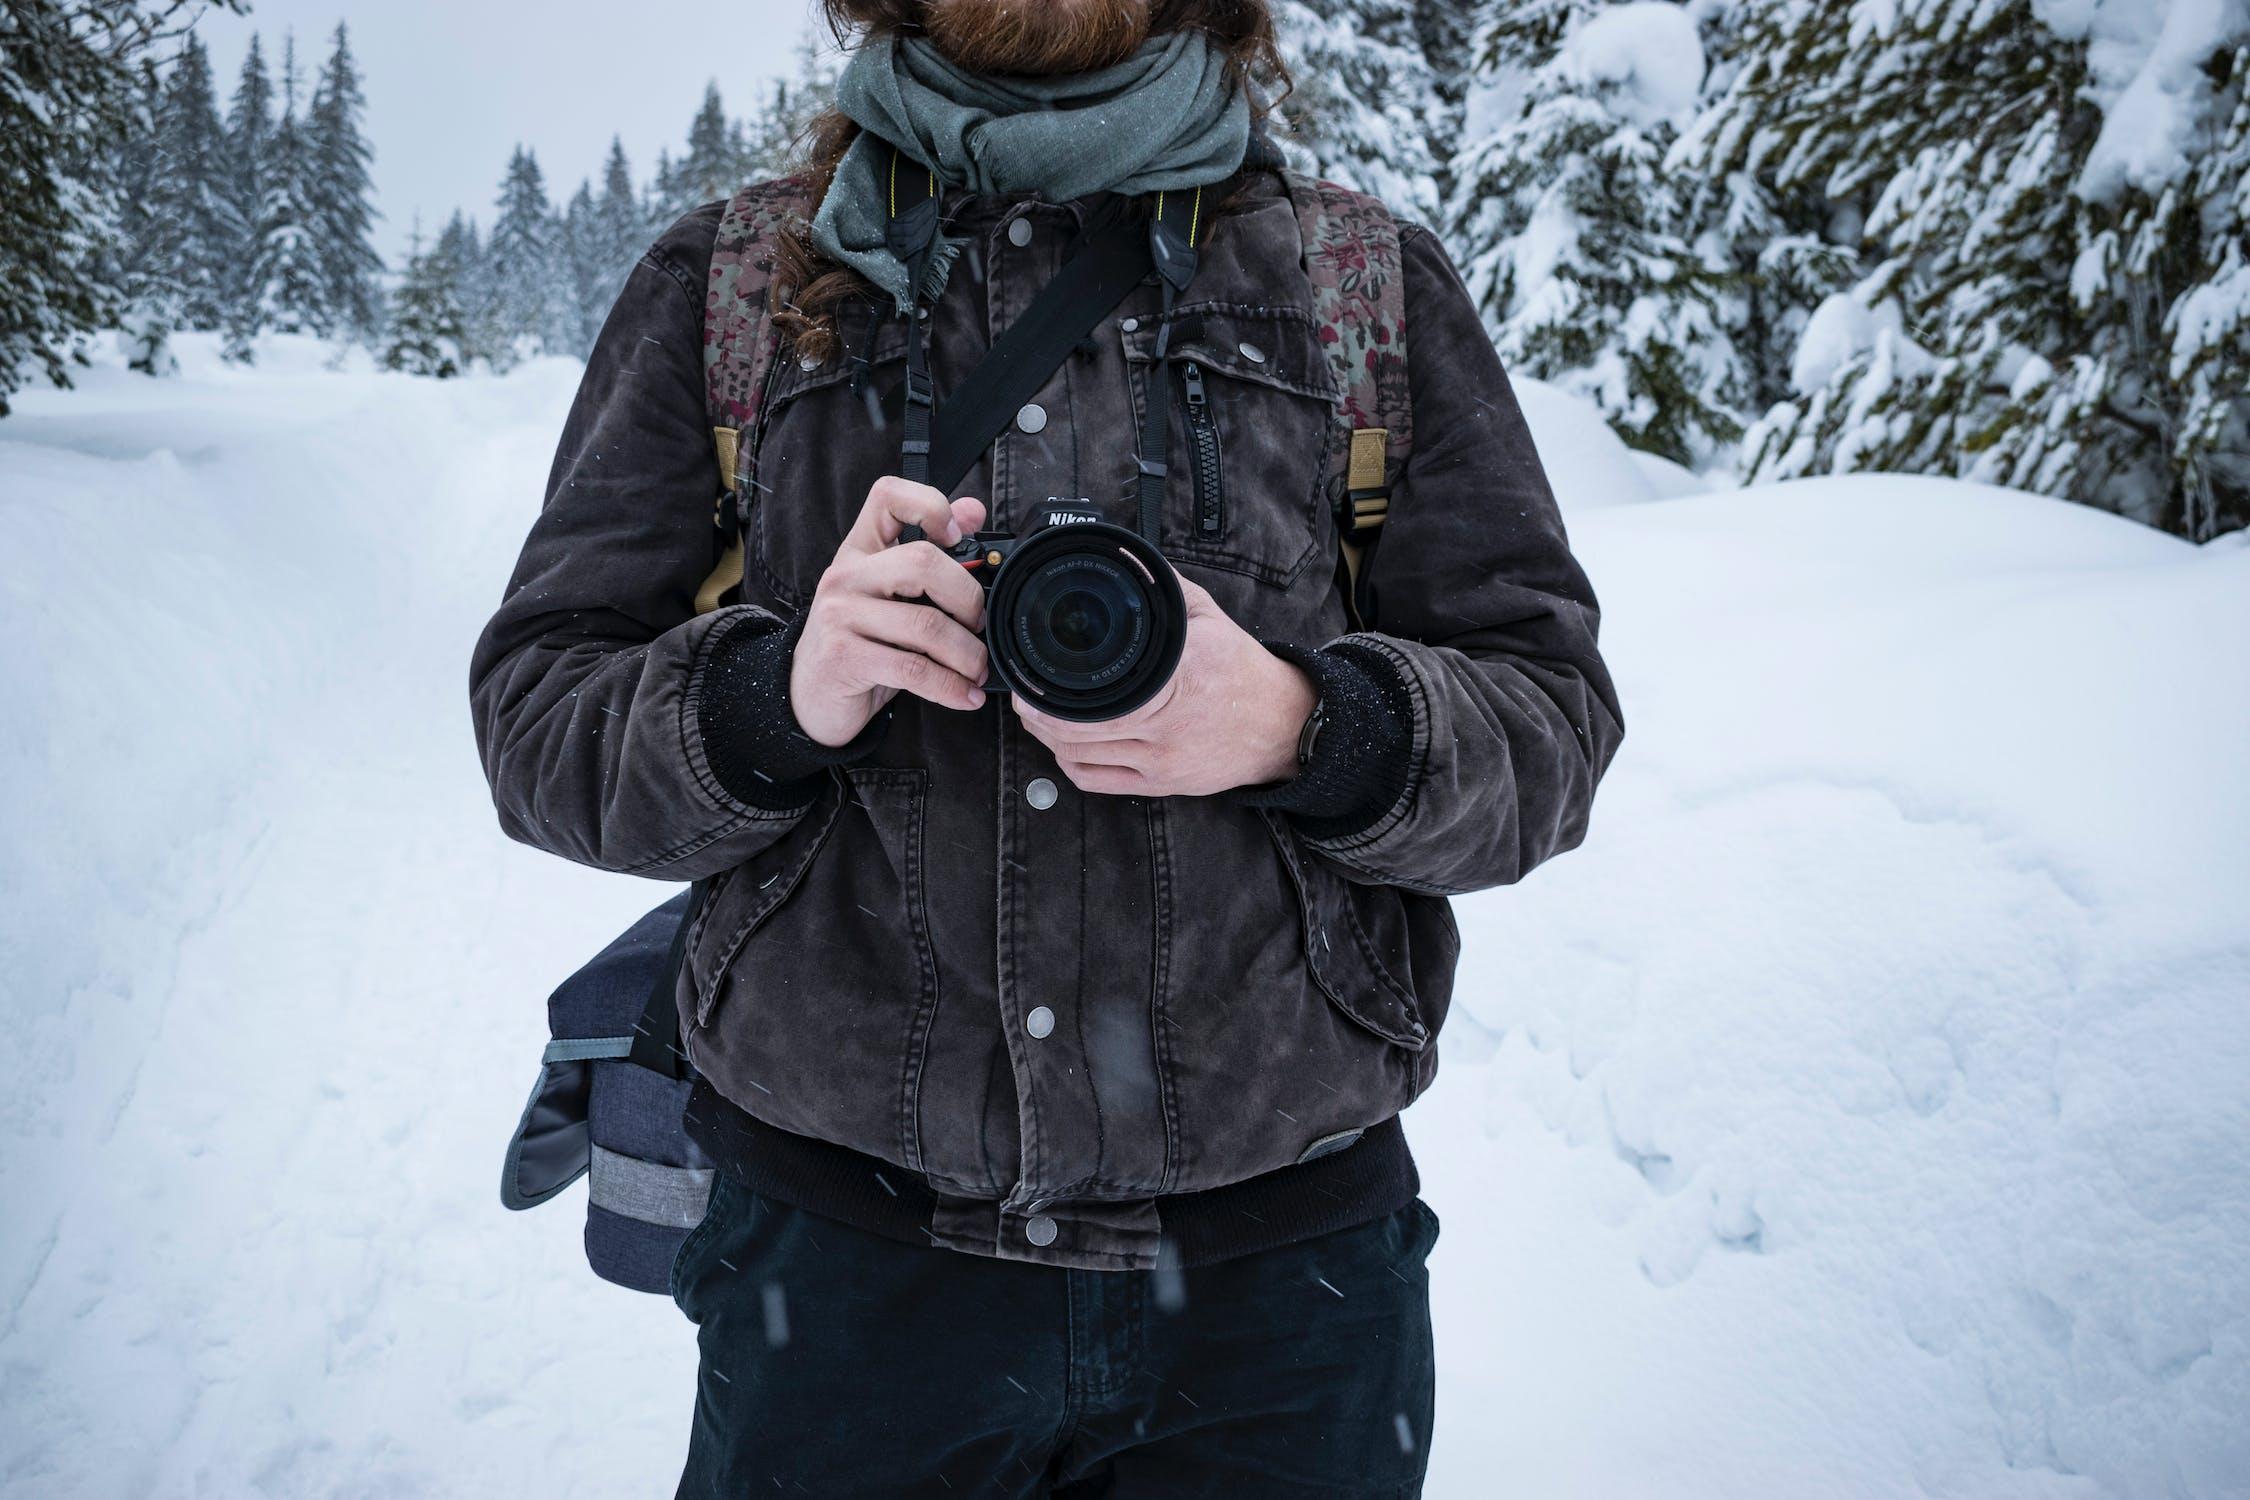 популярный ханум как настроить фотоаппарат для зимней фотосессии первым назовет игрушку